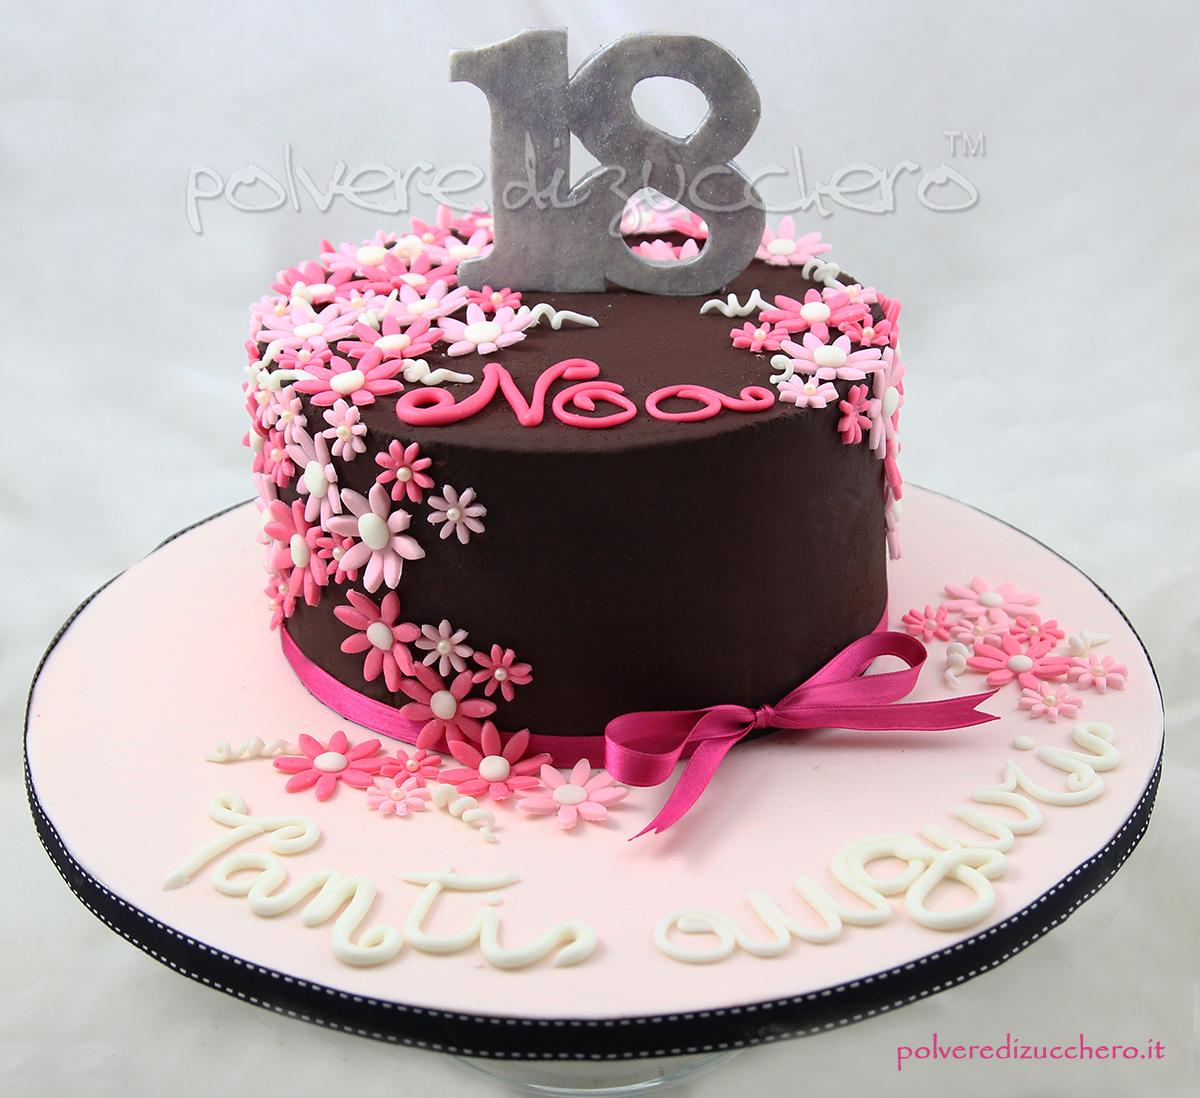 torta decorata cake design cioccolato pasta di zucchero fiori 18° compleanno party festa polvere di zucchero